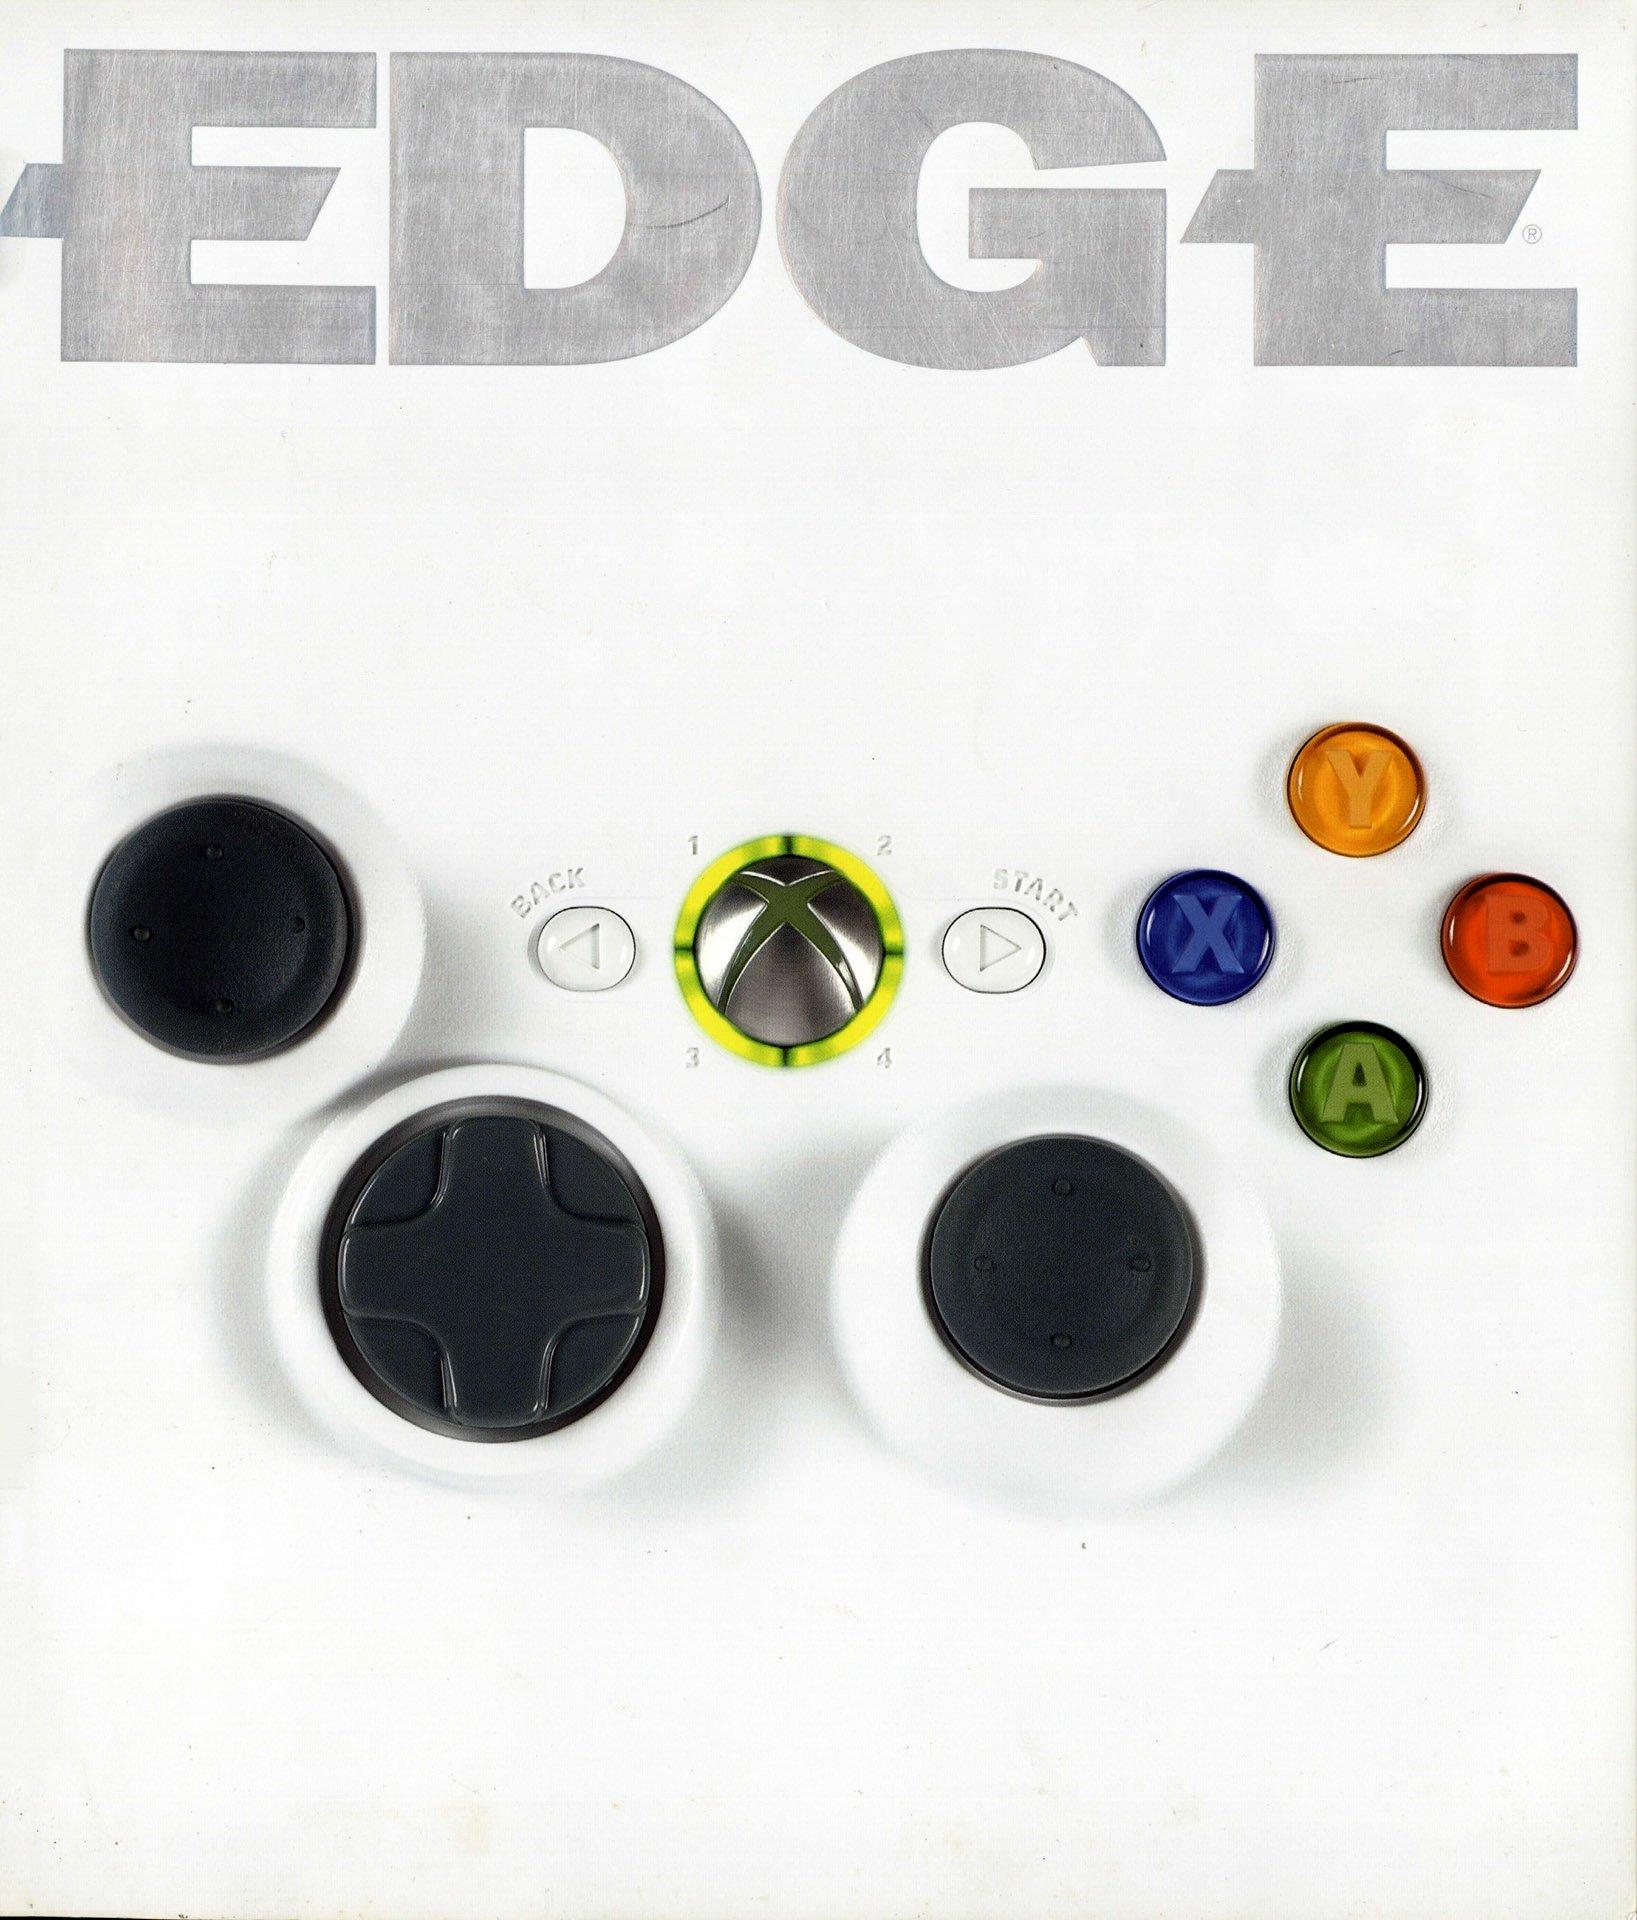 Edge 157 (Christmas 2005)